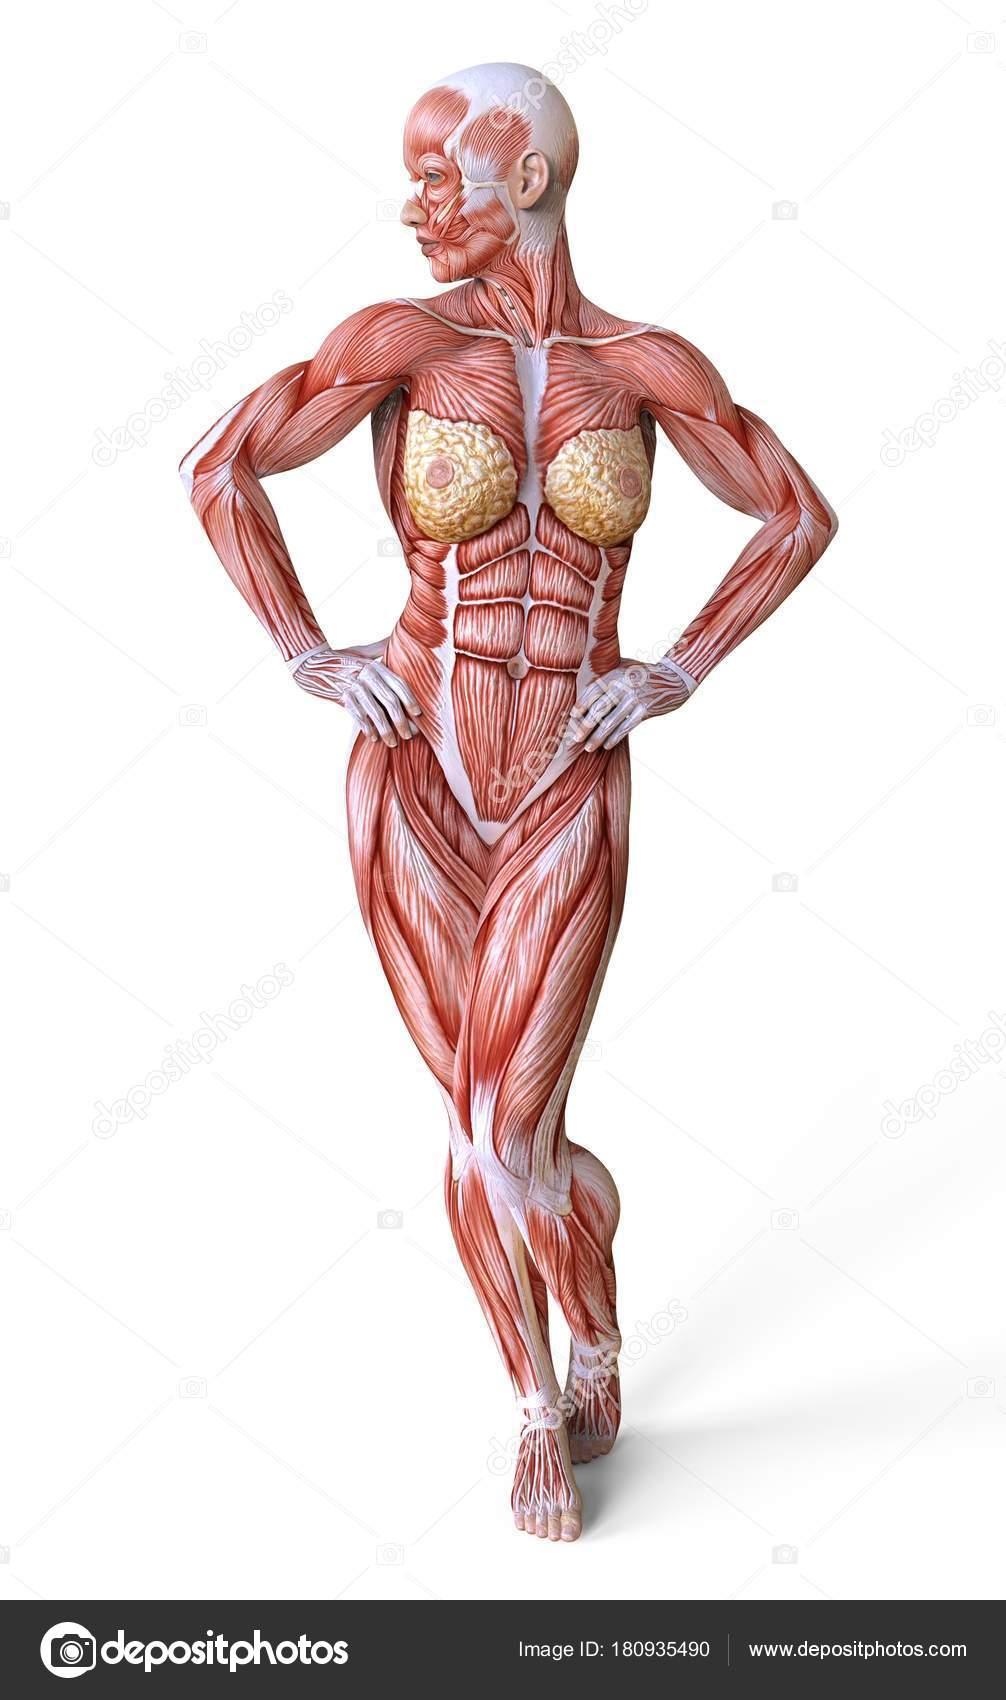 Weibliche Anatomie und Muskeln, Körper ohne Haut isoliert auf weiss ...